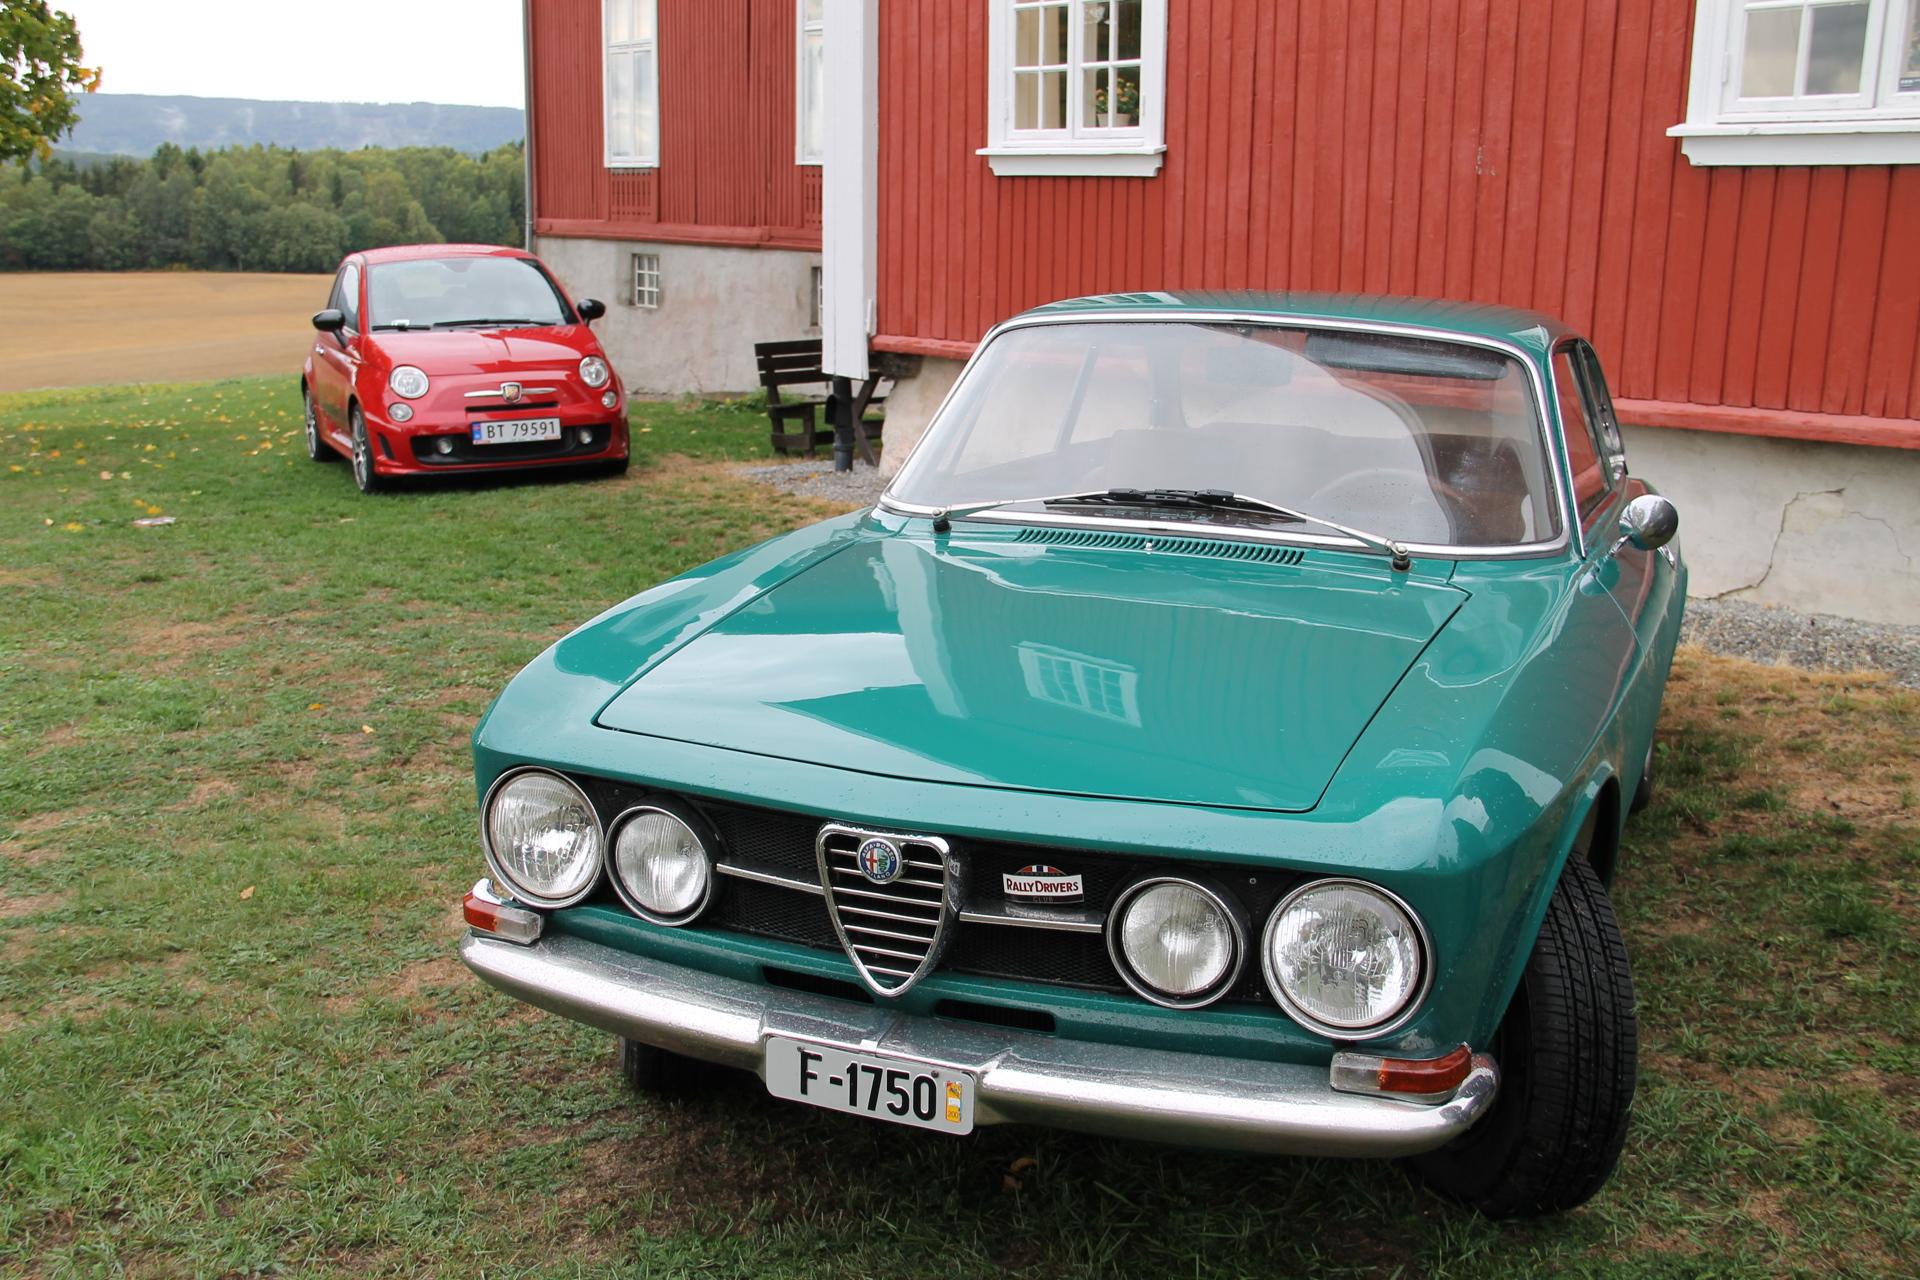 Bertone f1750 (2).JPG